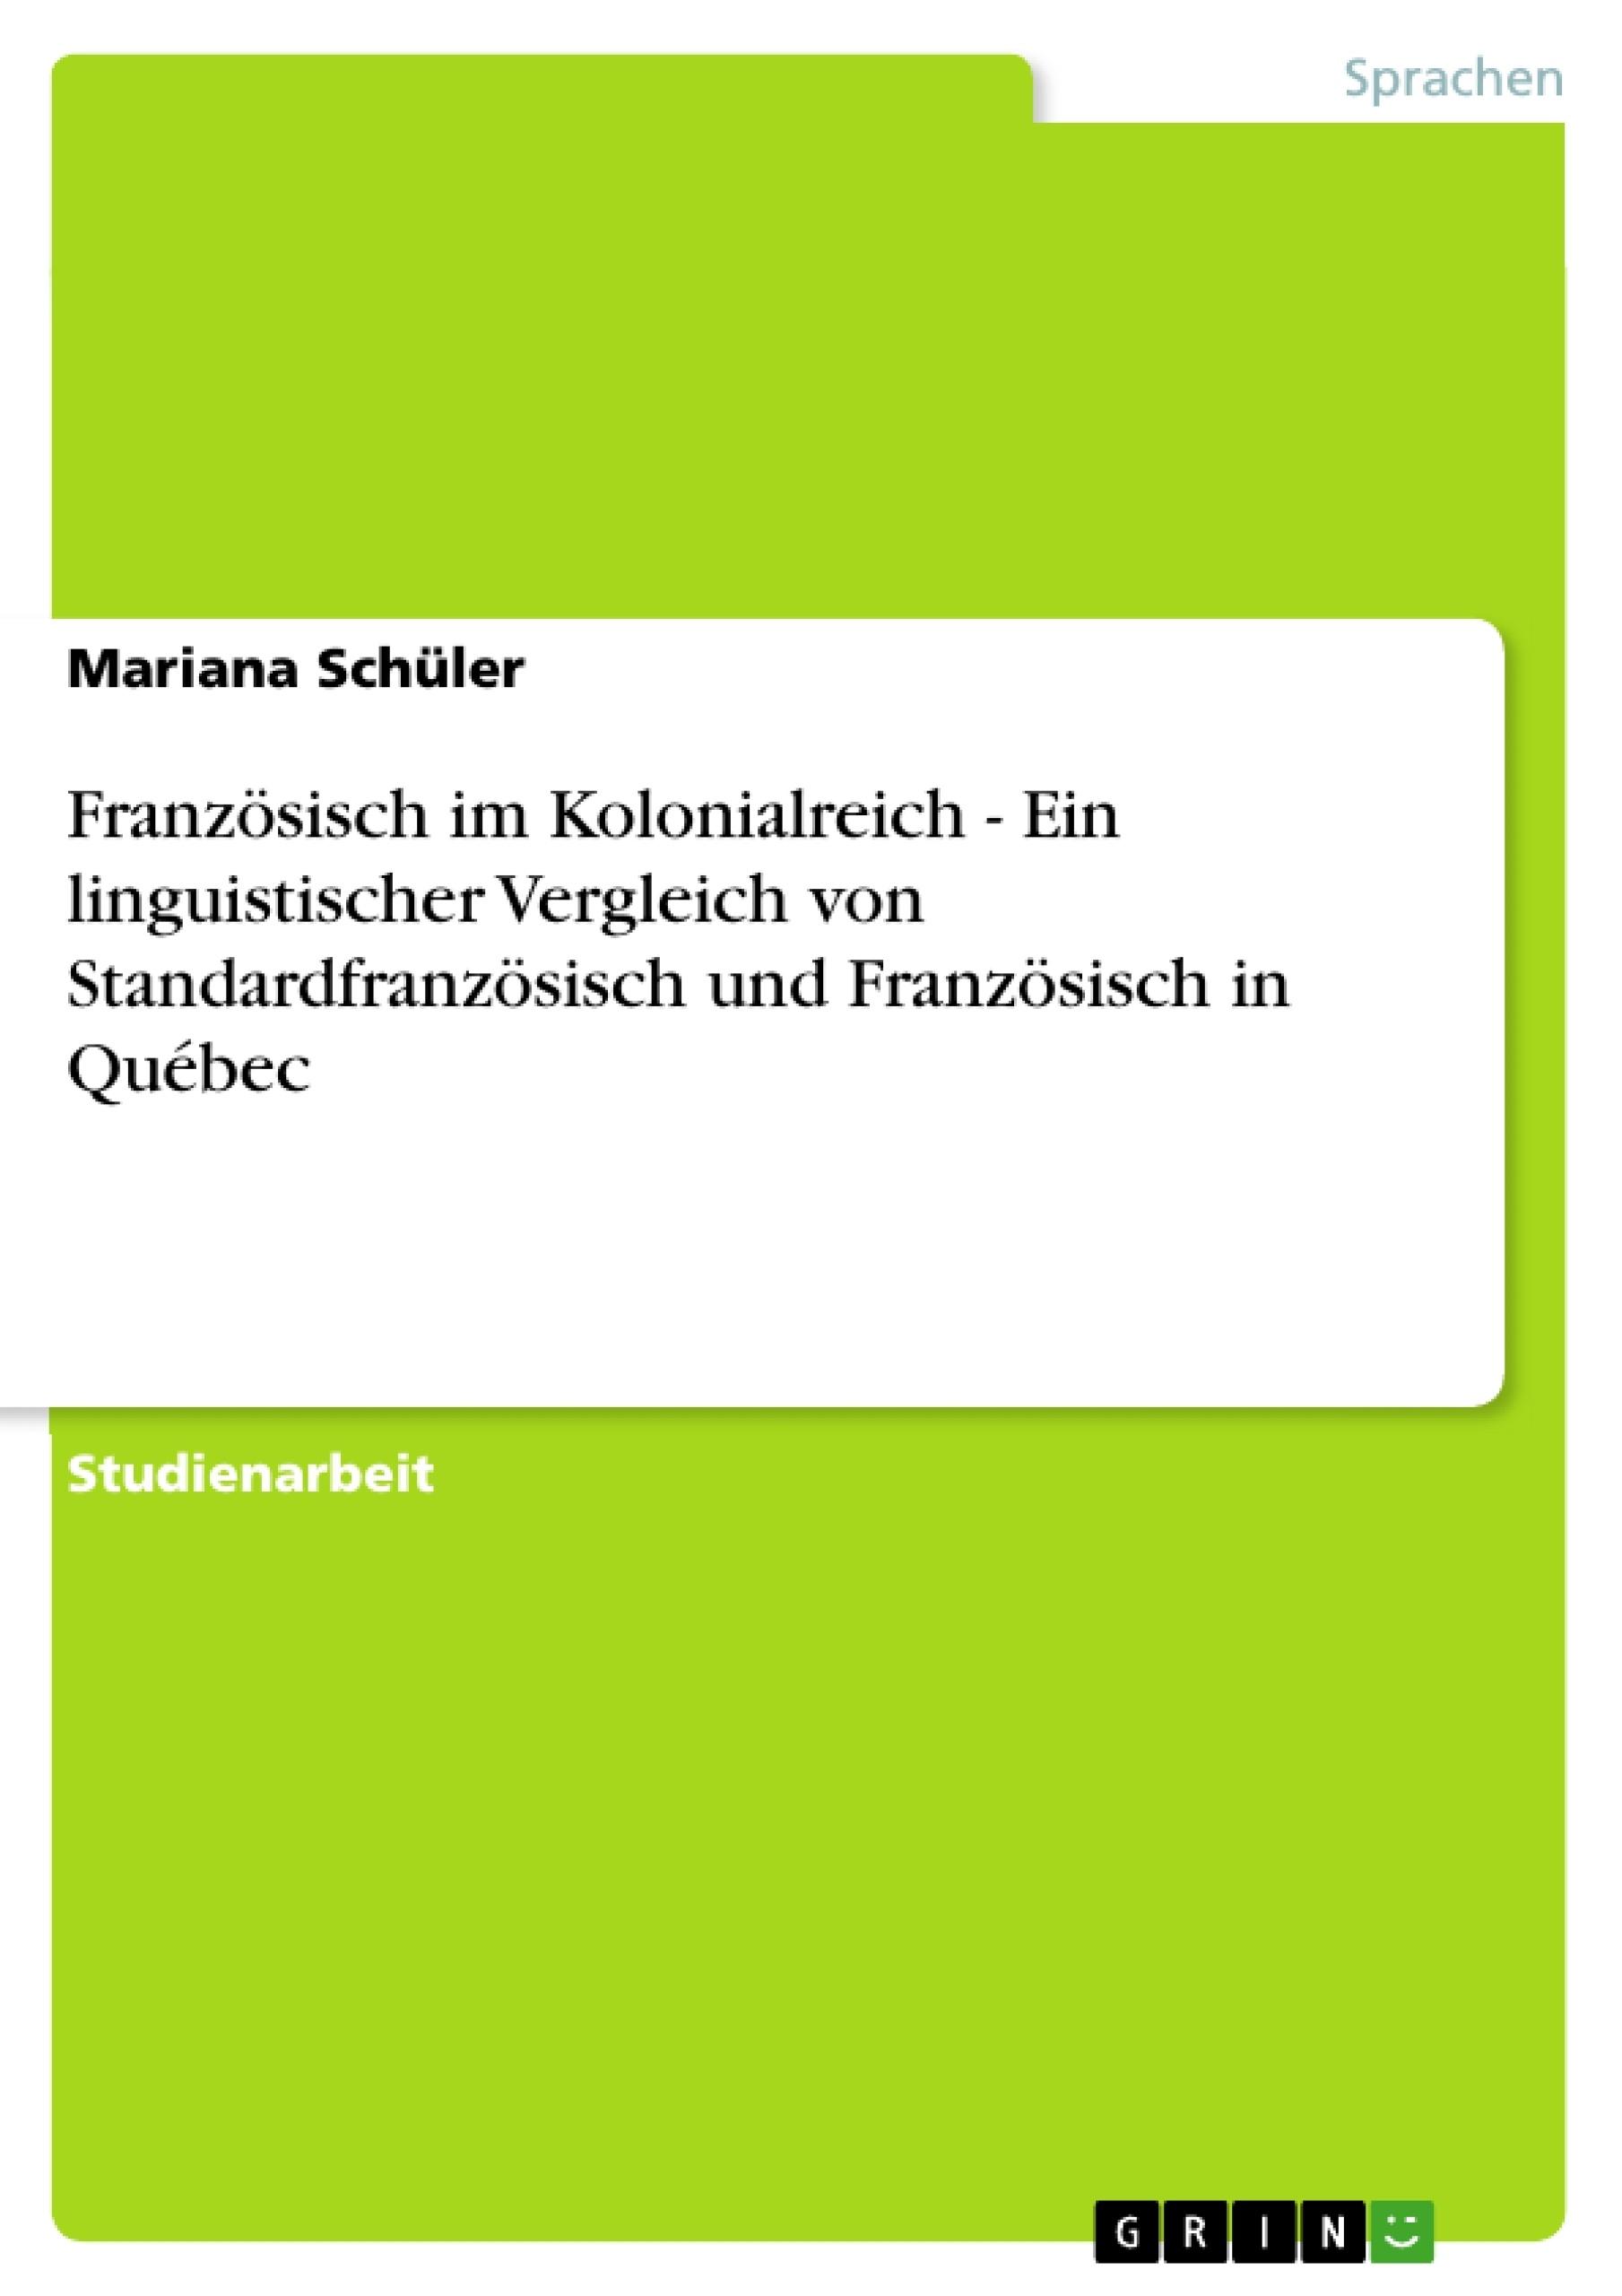 Titel: Französisch im Kolonialreich - Ein linguistischer Vergleich von Standardfranzösisch und Französisch in Québec